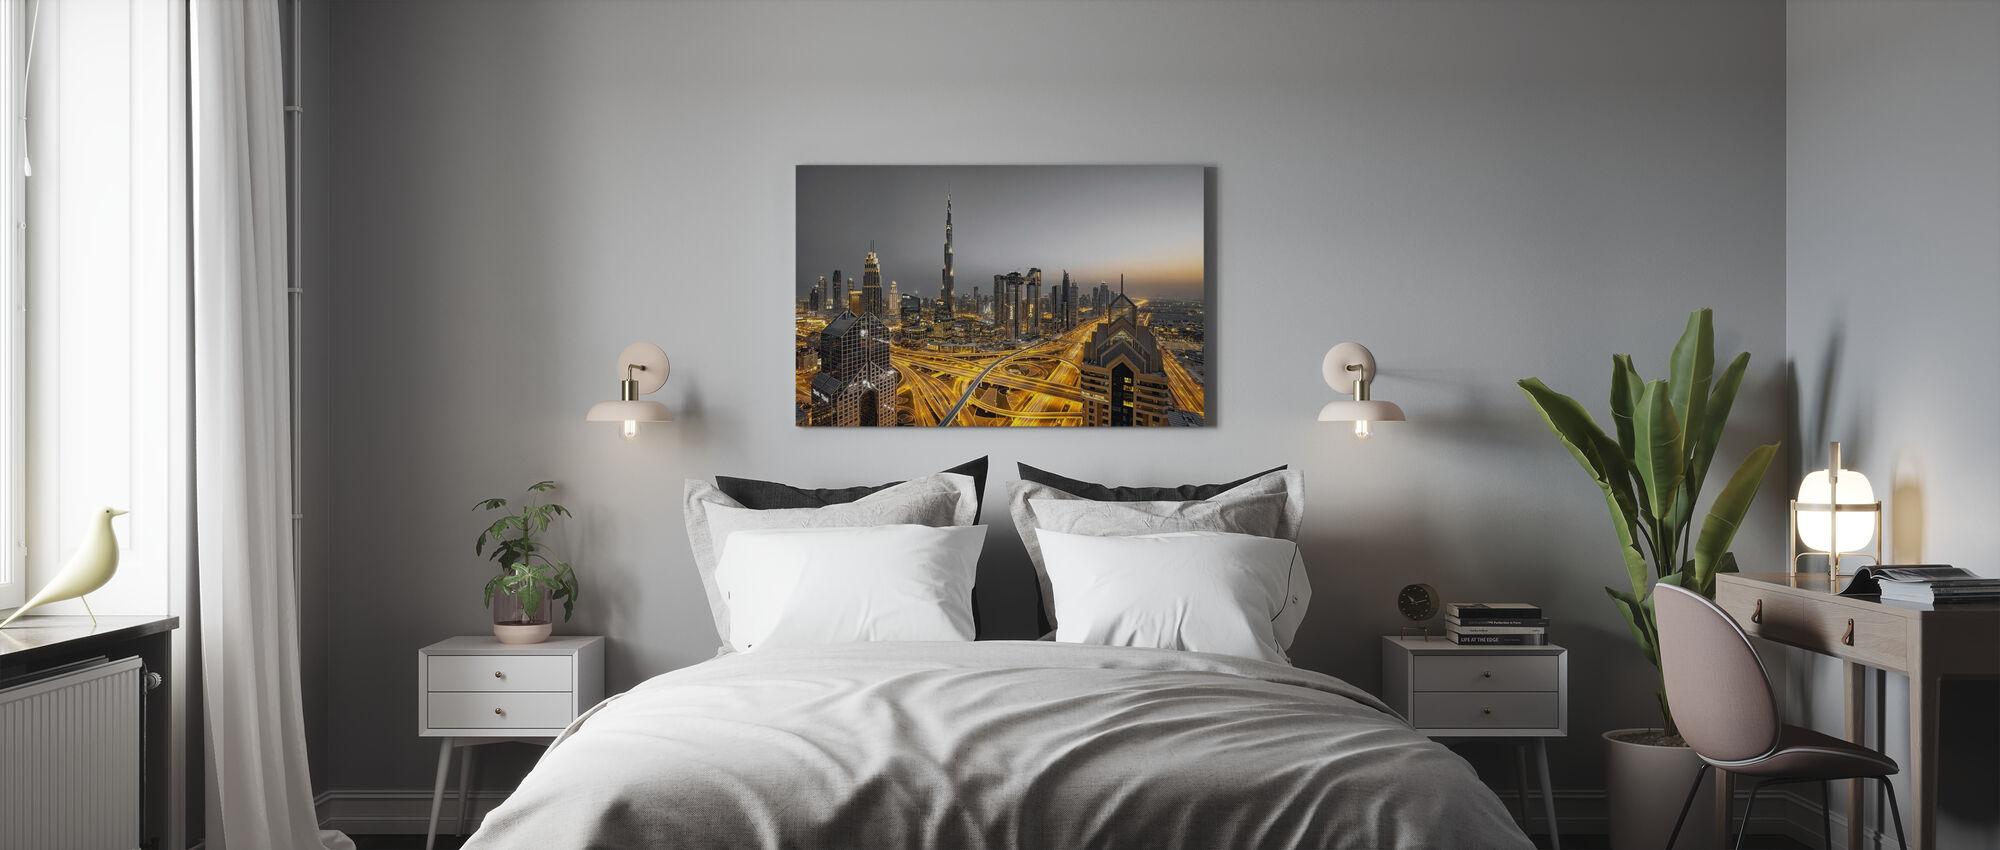 Kultainen valo - Canvastaulu - Makuuhuone